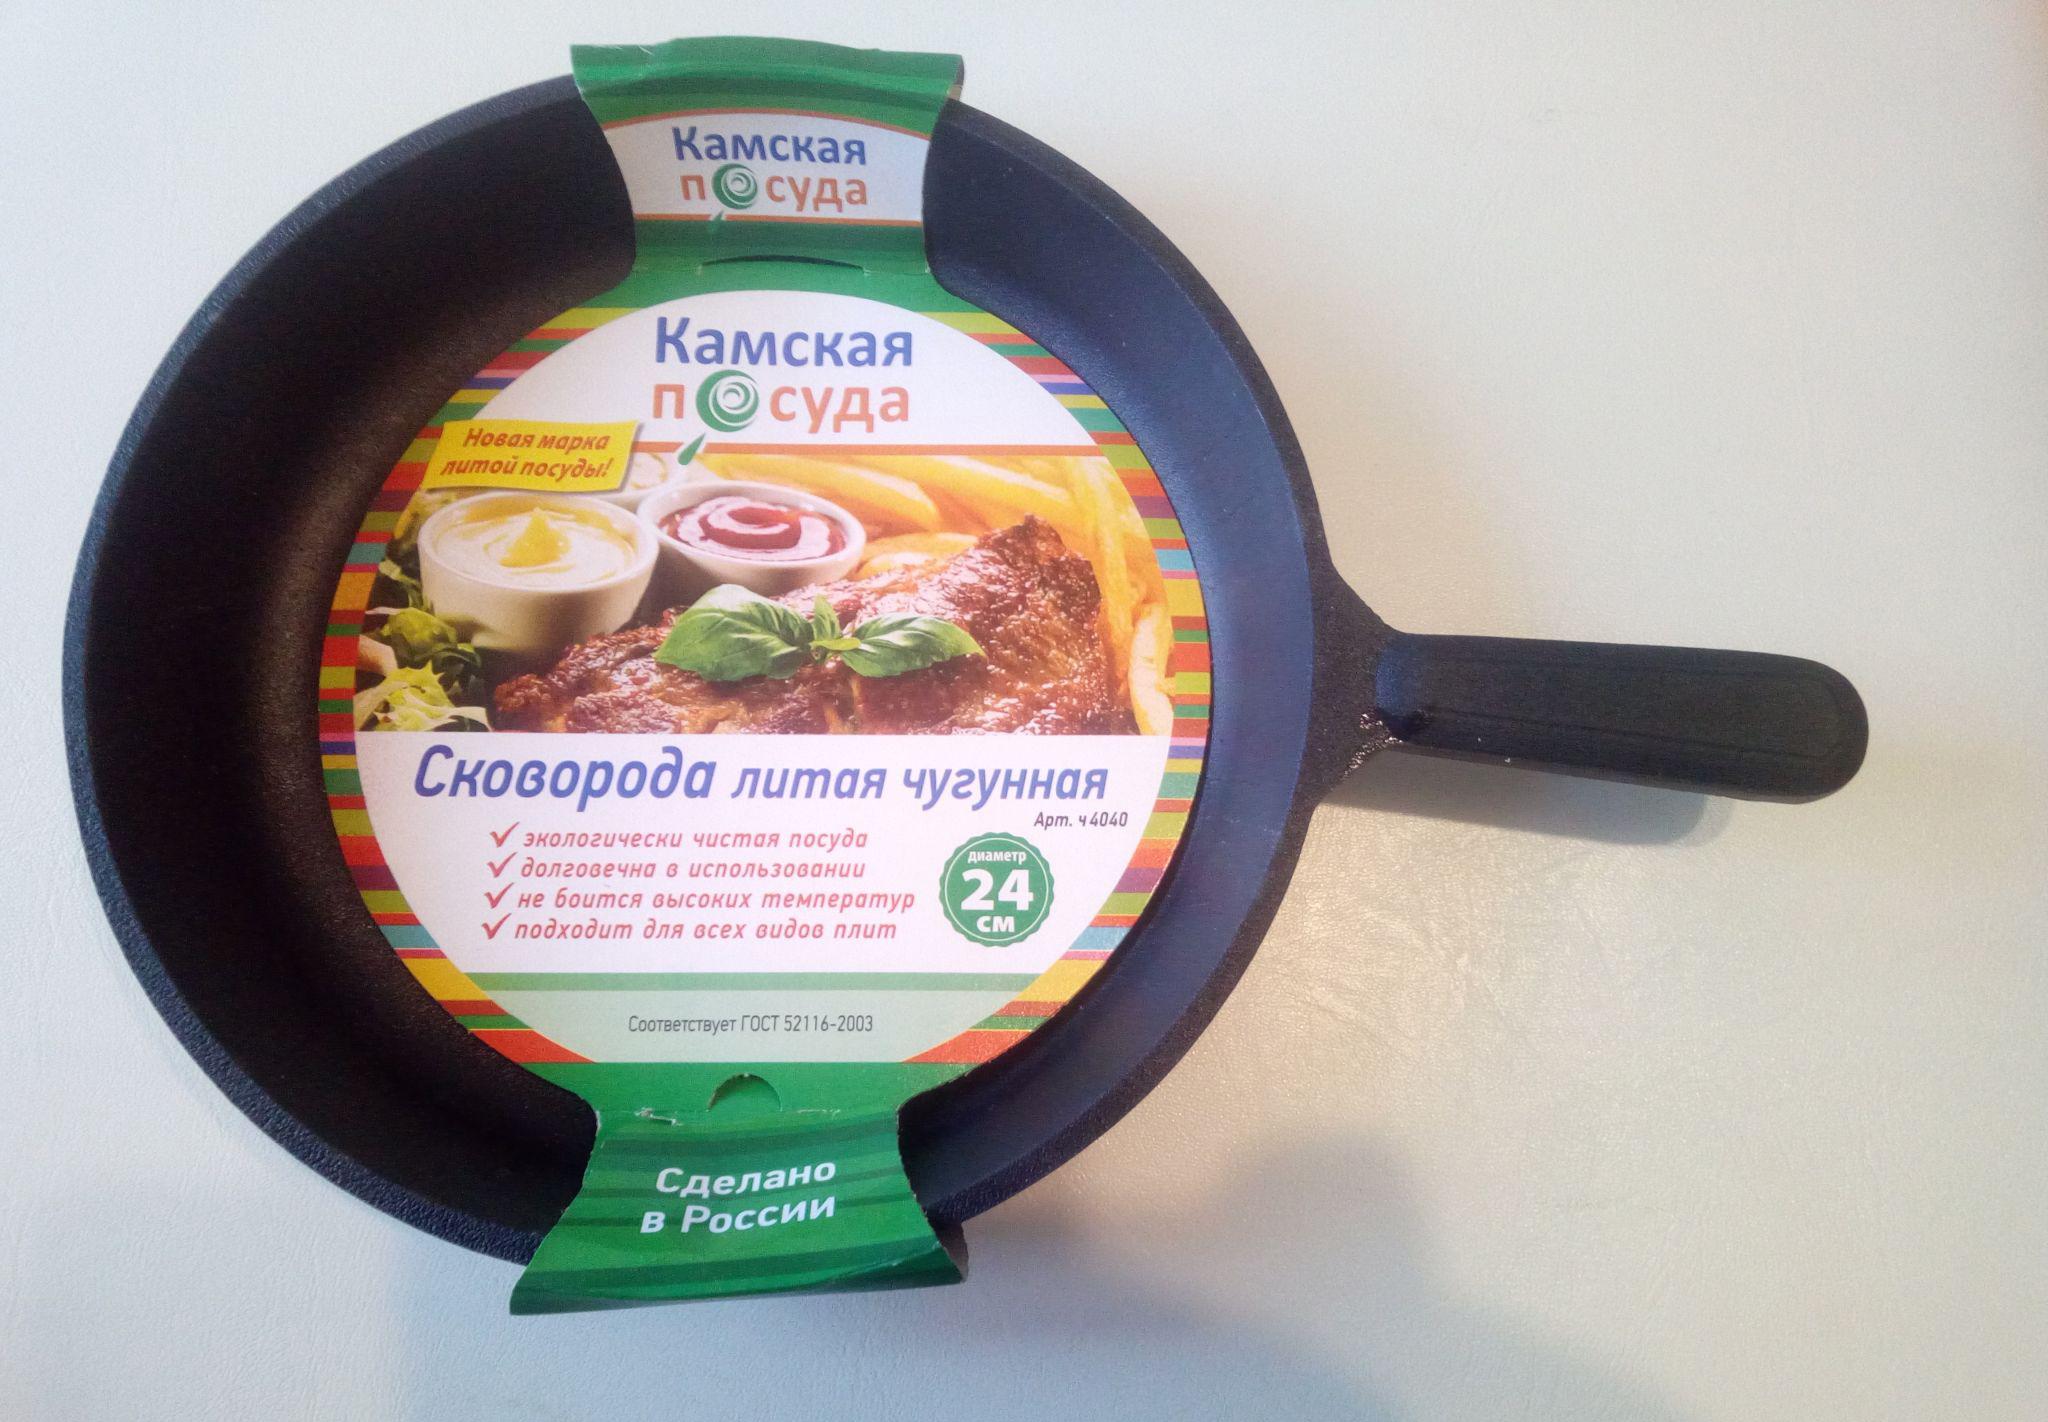 Чугунная сковорода Камская посуда